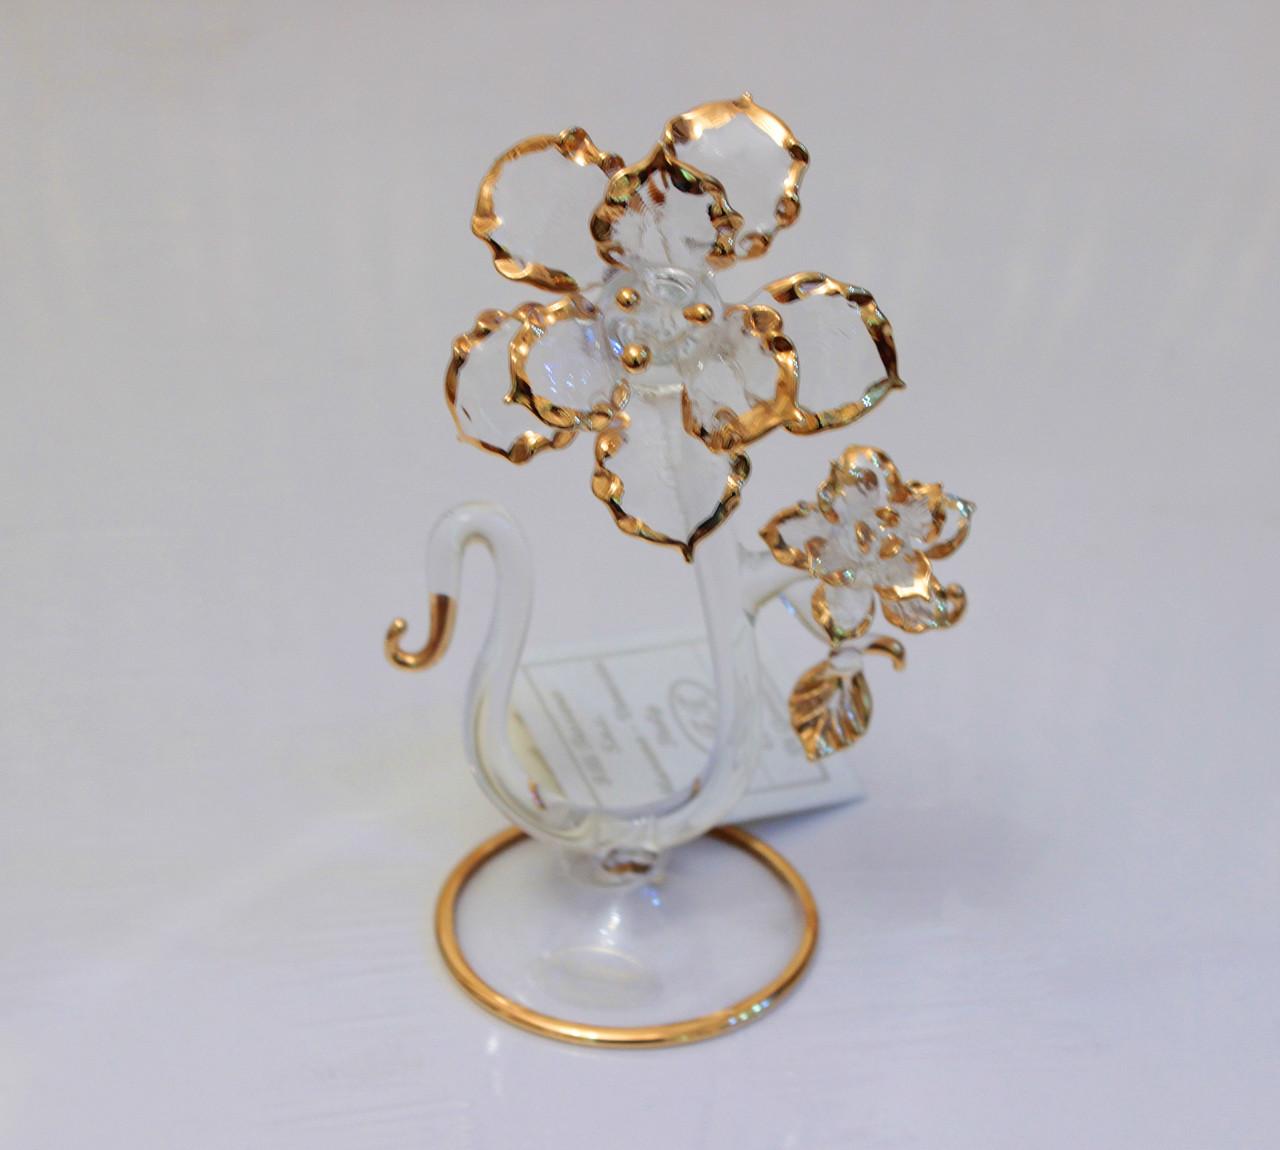 """Сувенир """"Цветок"""". Венецианское стекло. Италия. Ручная работа"""